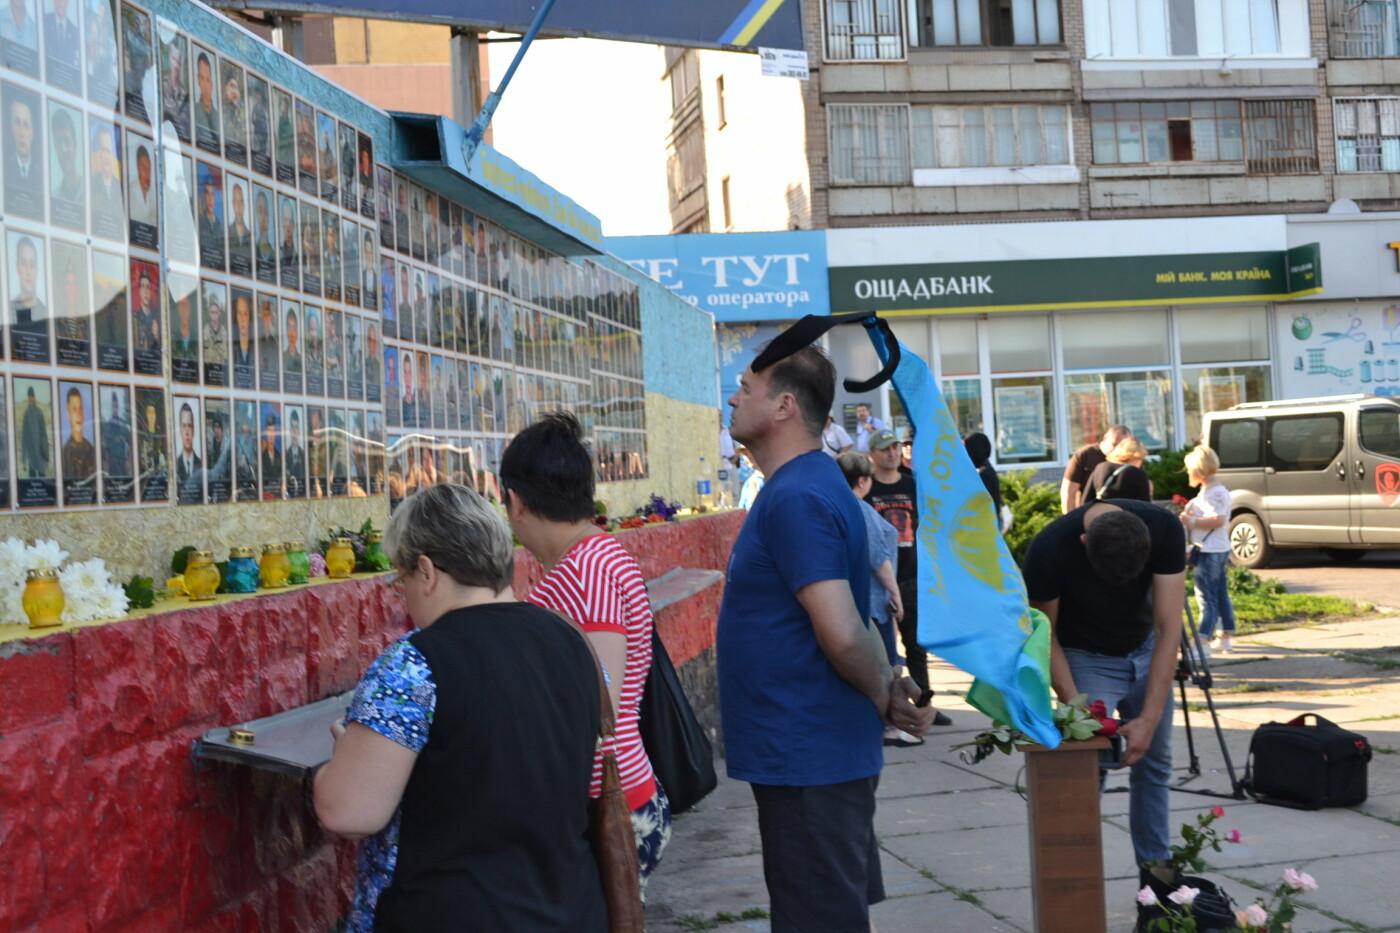 Директора криворожского ДК подозревают в хищении на ремонте парка 23% бюджета